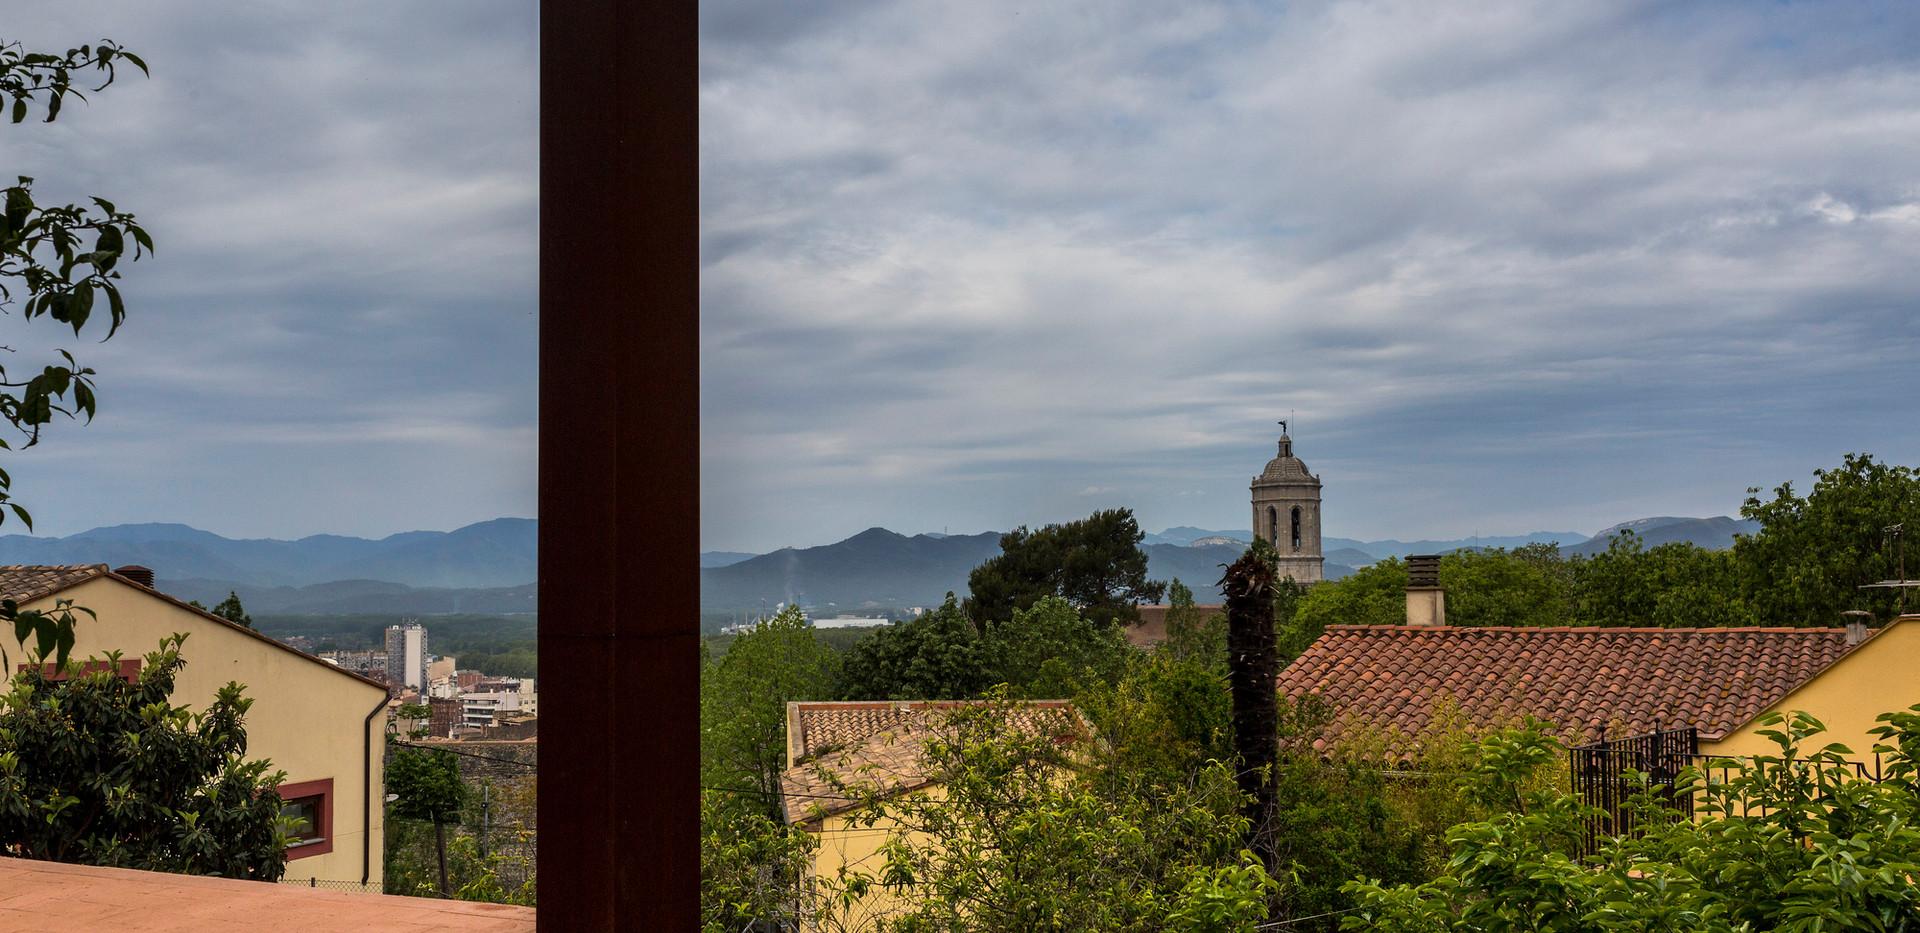 torre-gironella-rimarent-001.jpg